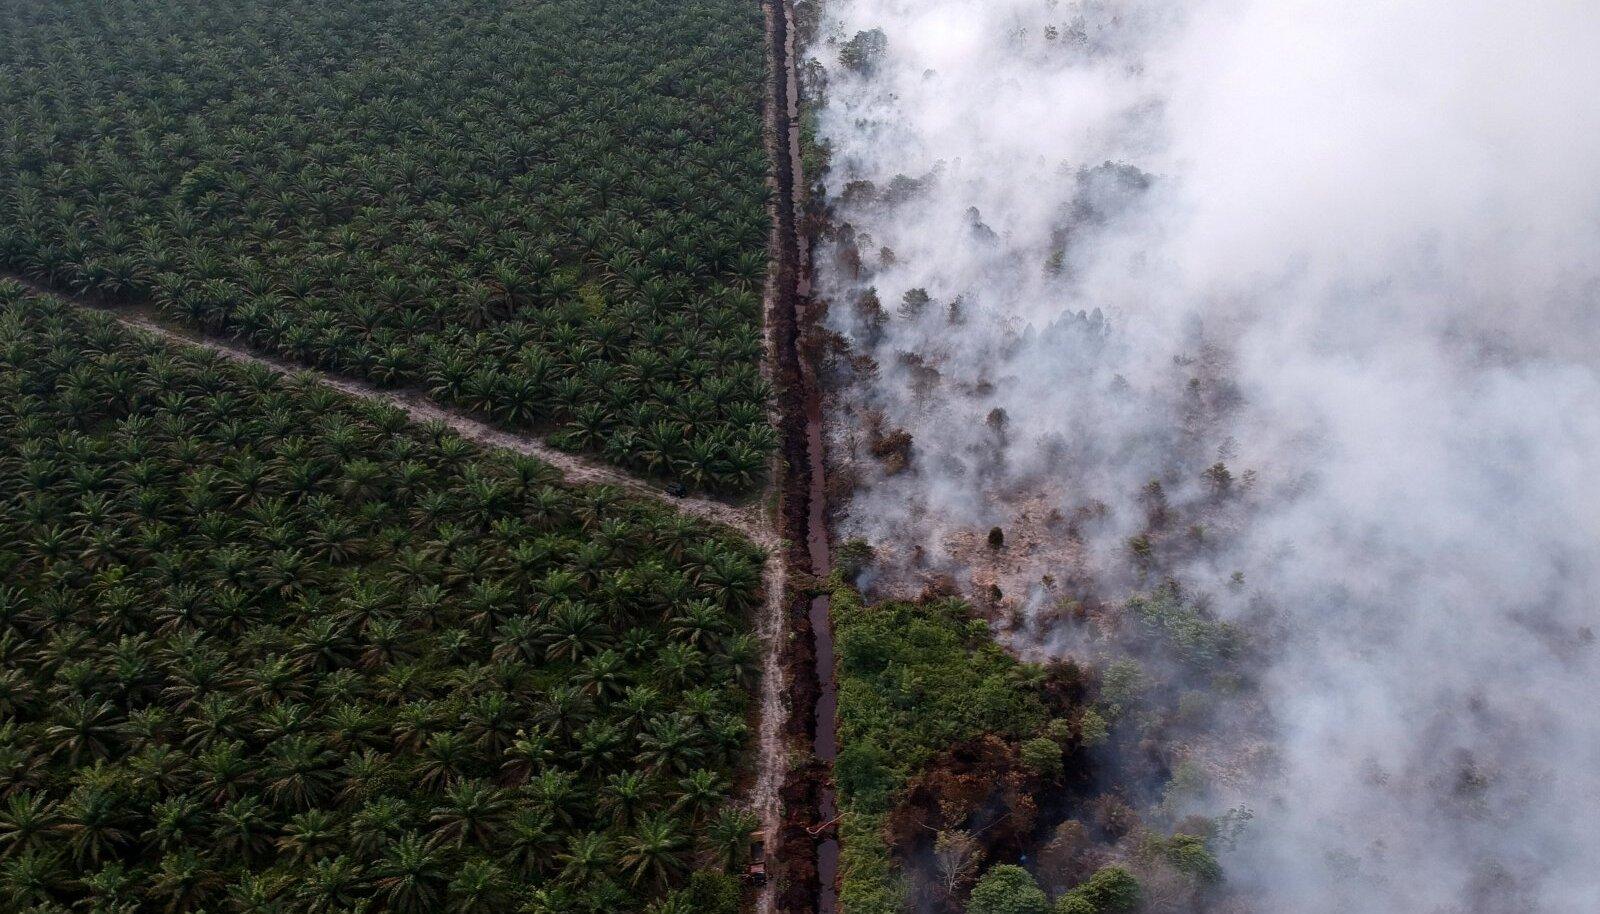 Enne palmiistanduste rajamist põletatakse tihti maad, mis soodustab kliimamuutust paisates õhku süsihappegaasi ja hävitab kohalikku elustikku.